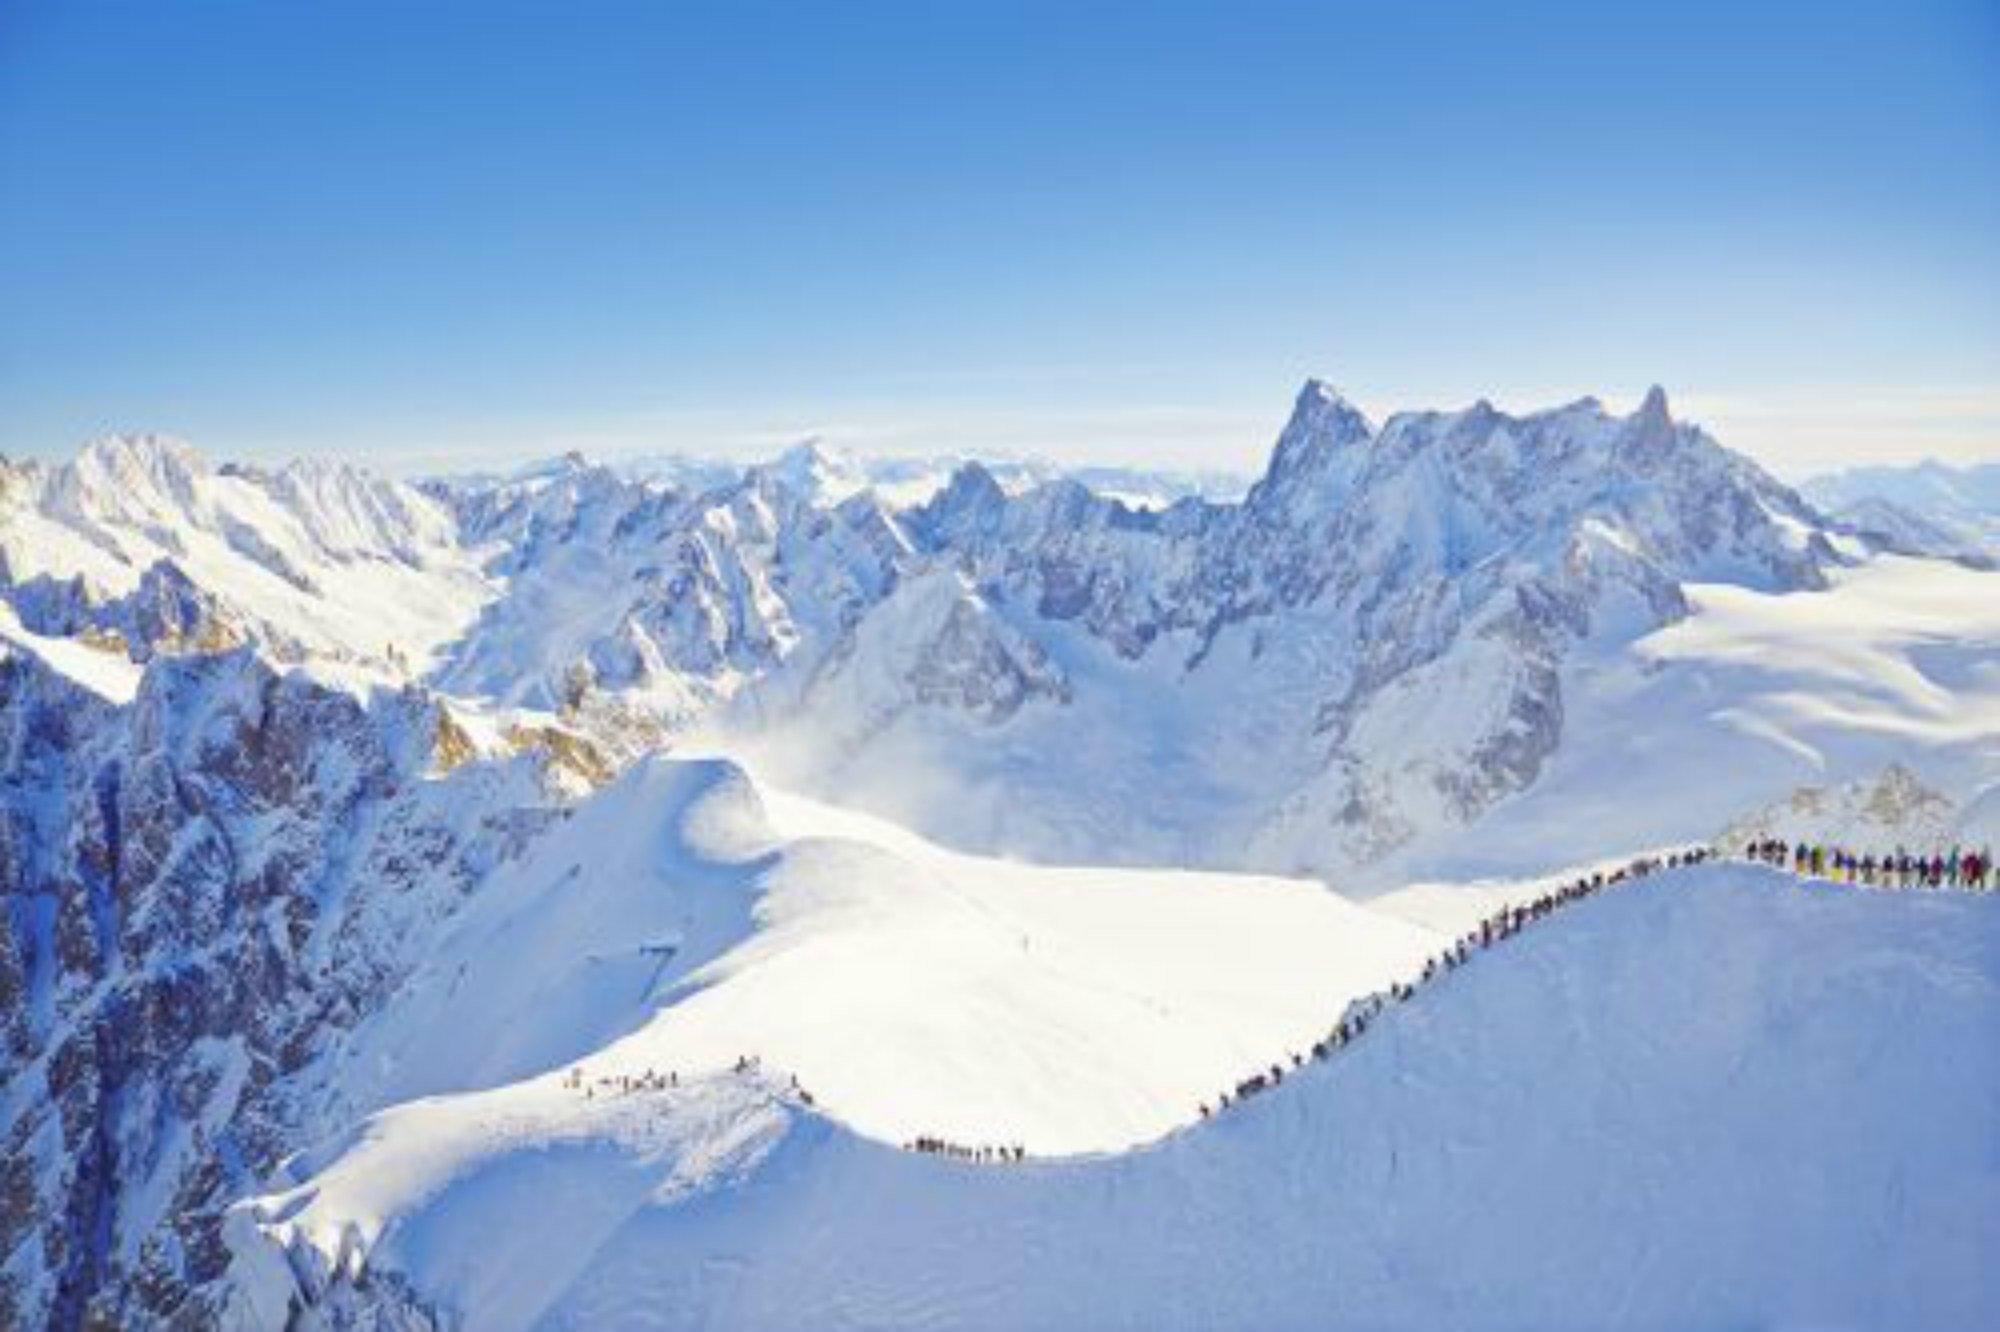 Des skieurs descendent la crête de l'Aiguille du Midi avant de se lancer dans la descente de la Vallée Blanche.